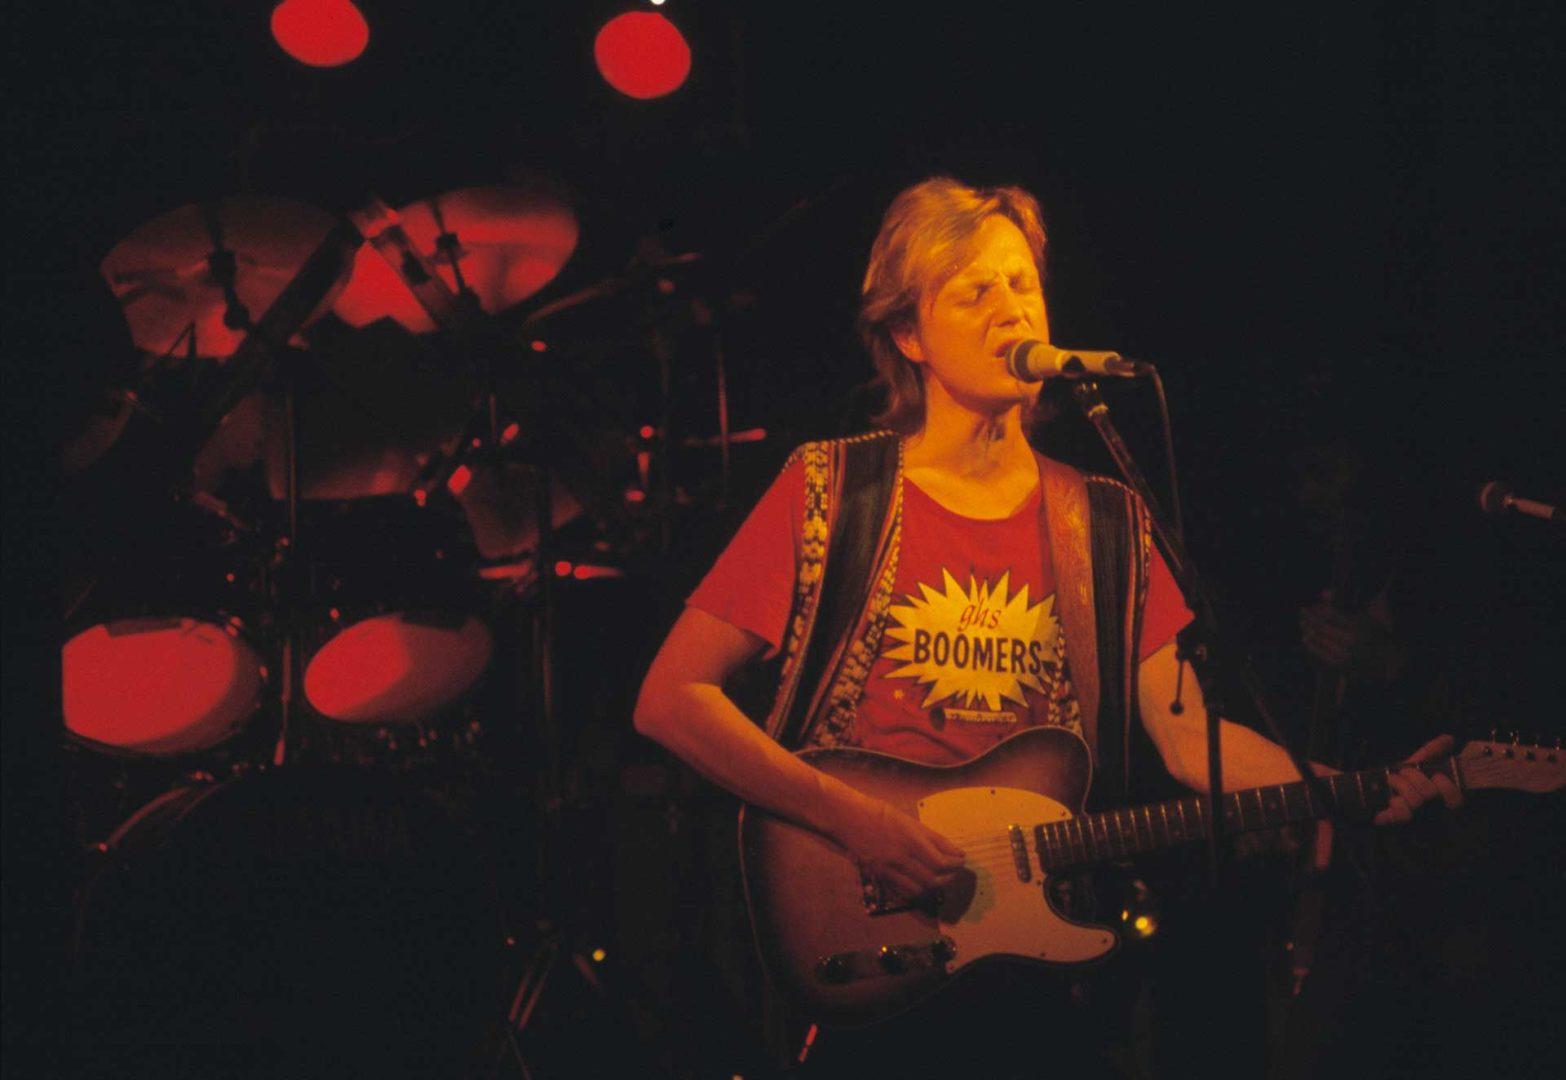 Pave Maijanen keikalla 1985, jolloin kaksi timanttilevyyn oikeuttanutta sooloalbumia olivat juuri ilmestyneet.